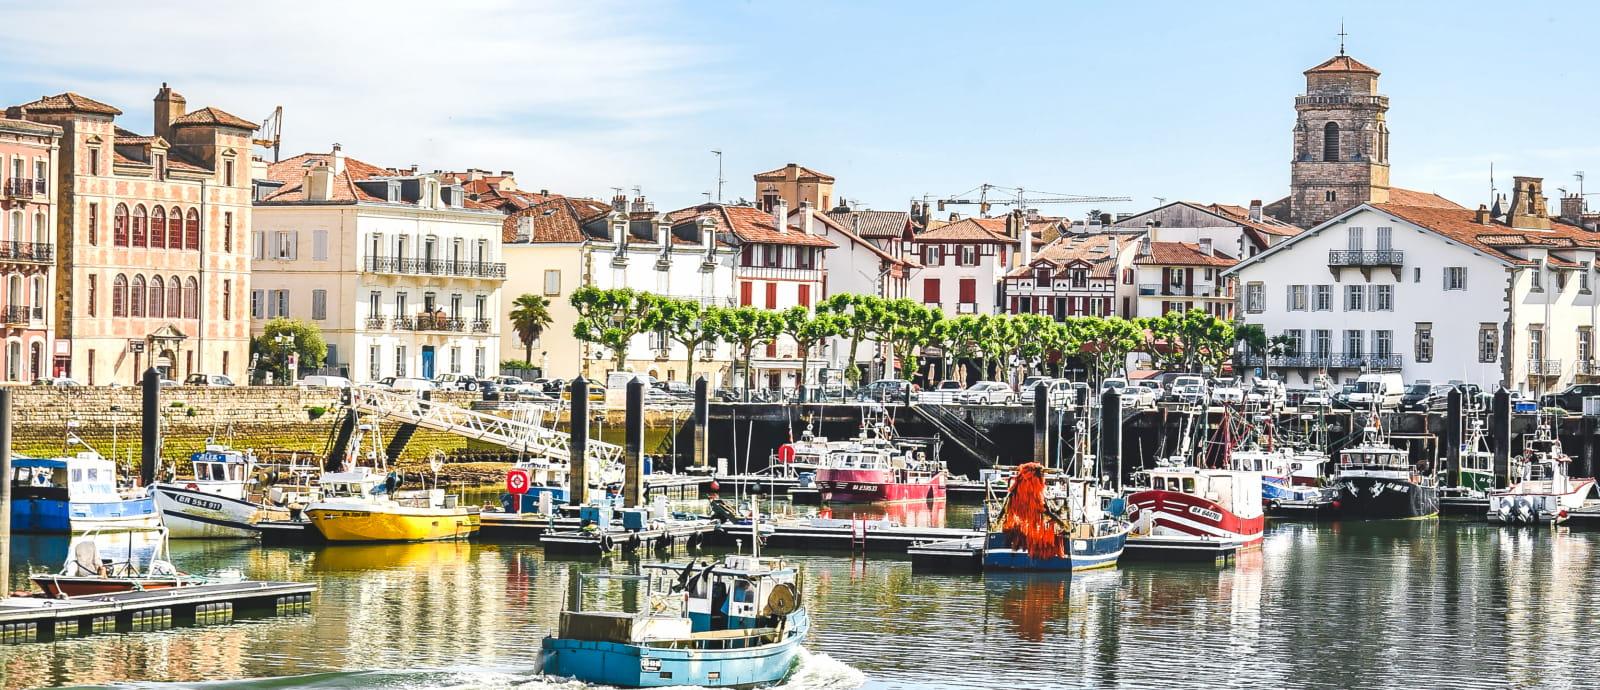 Saint-Jean-de-Luz comme Bayonne recrute un développeur de langue basque ainsi que d'autres communes le font (photo Office Tourisme Saint-Jean-de-Luz DR)